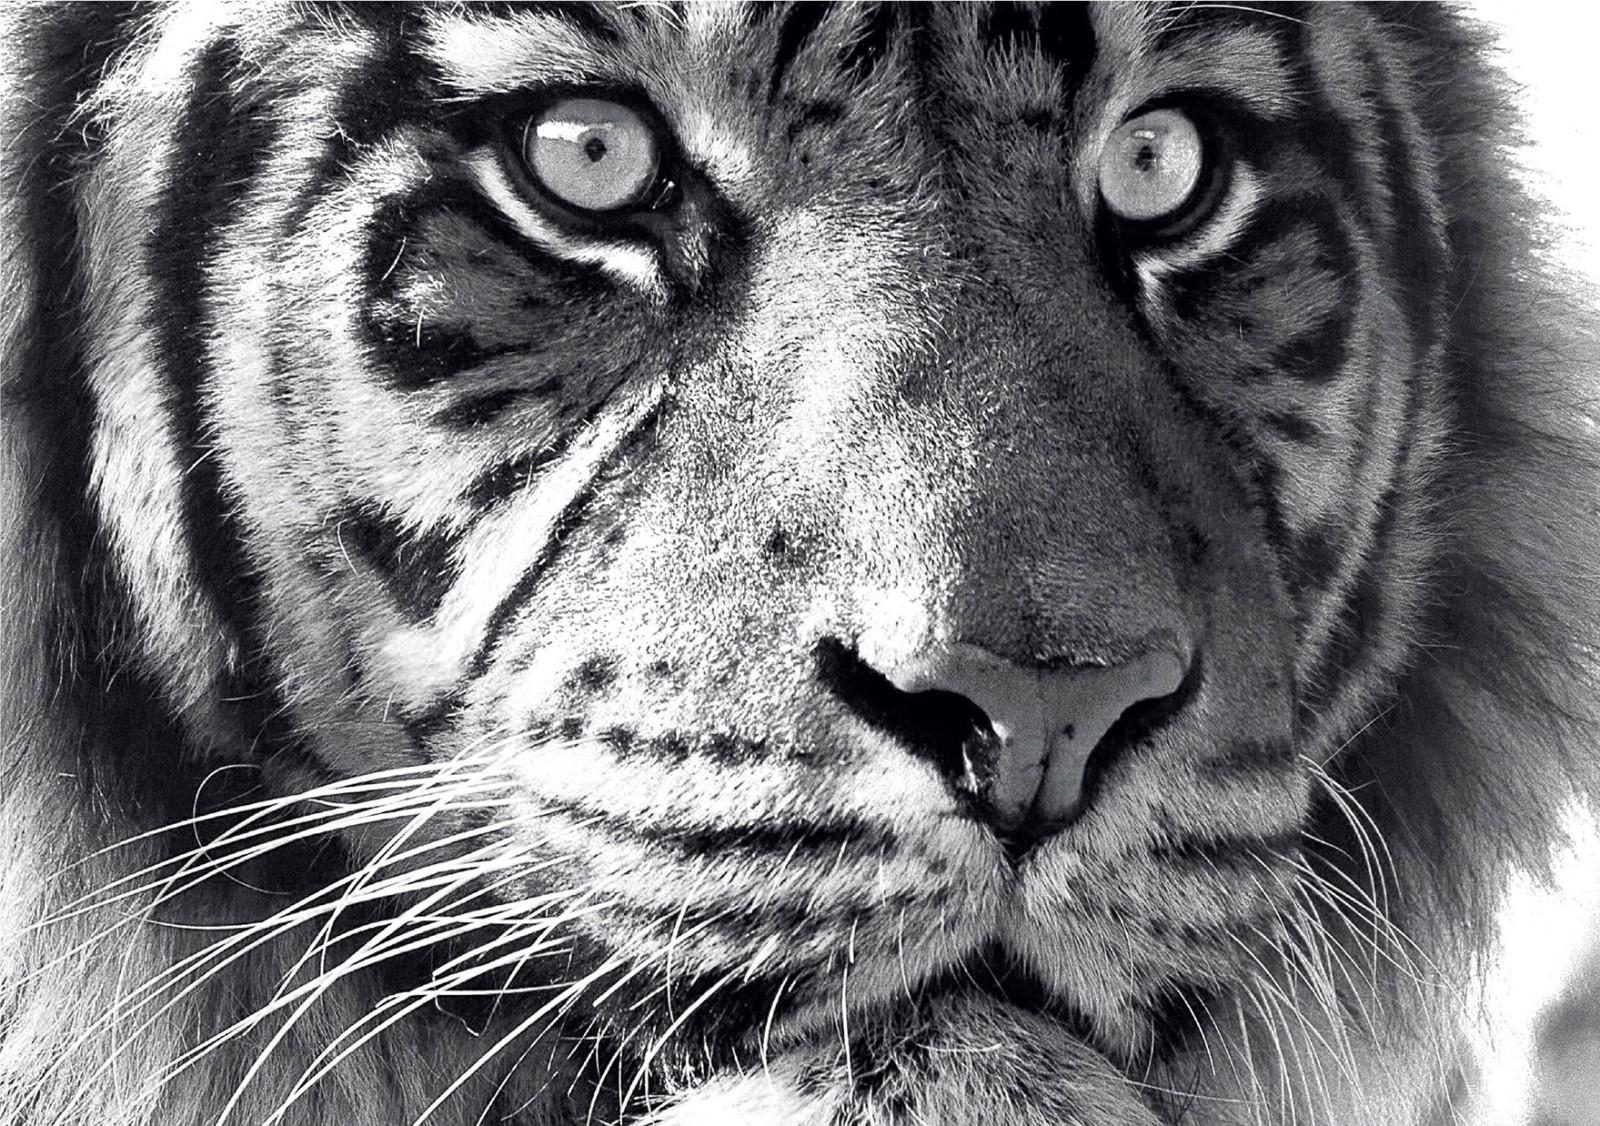 Animaux - Tigre Noir et Blanc